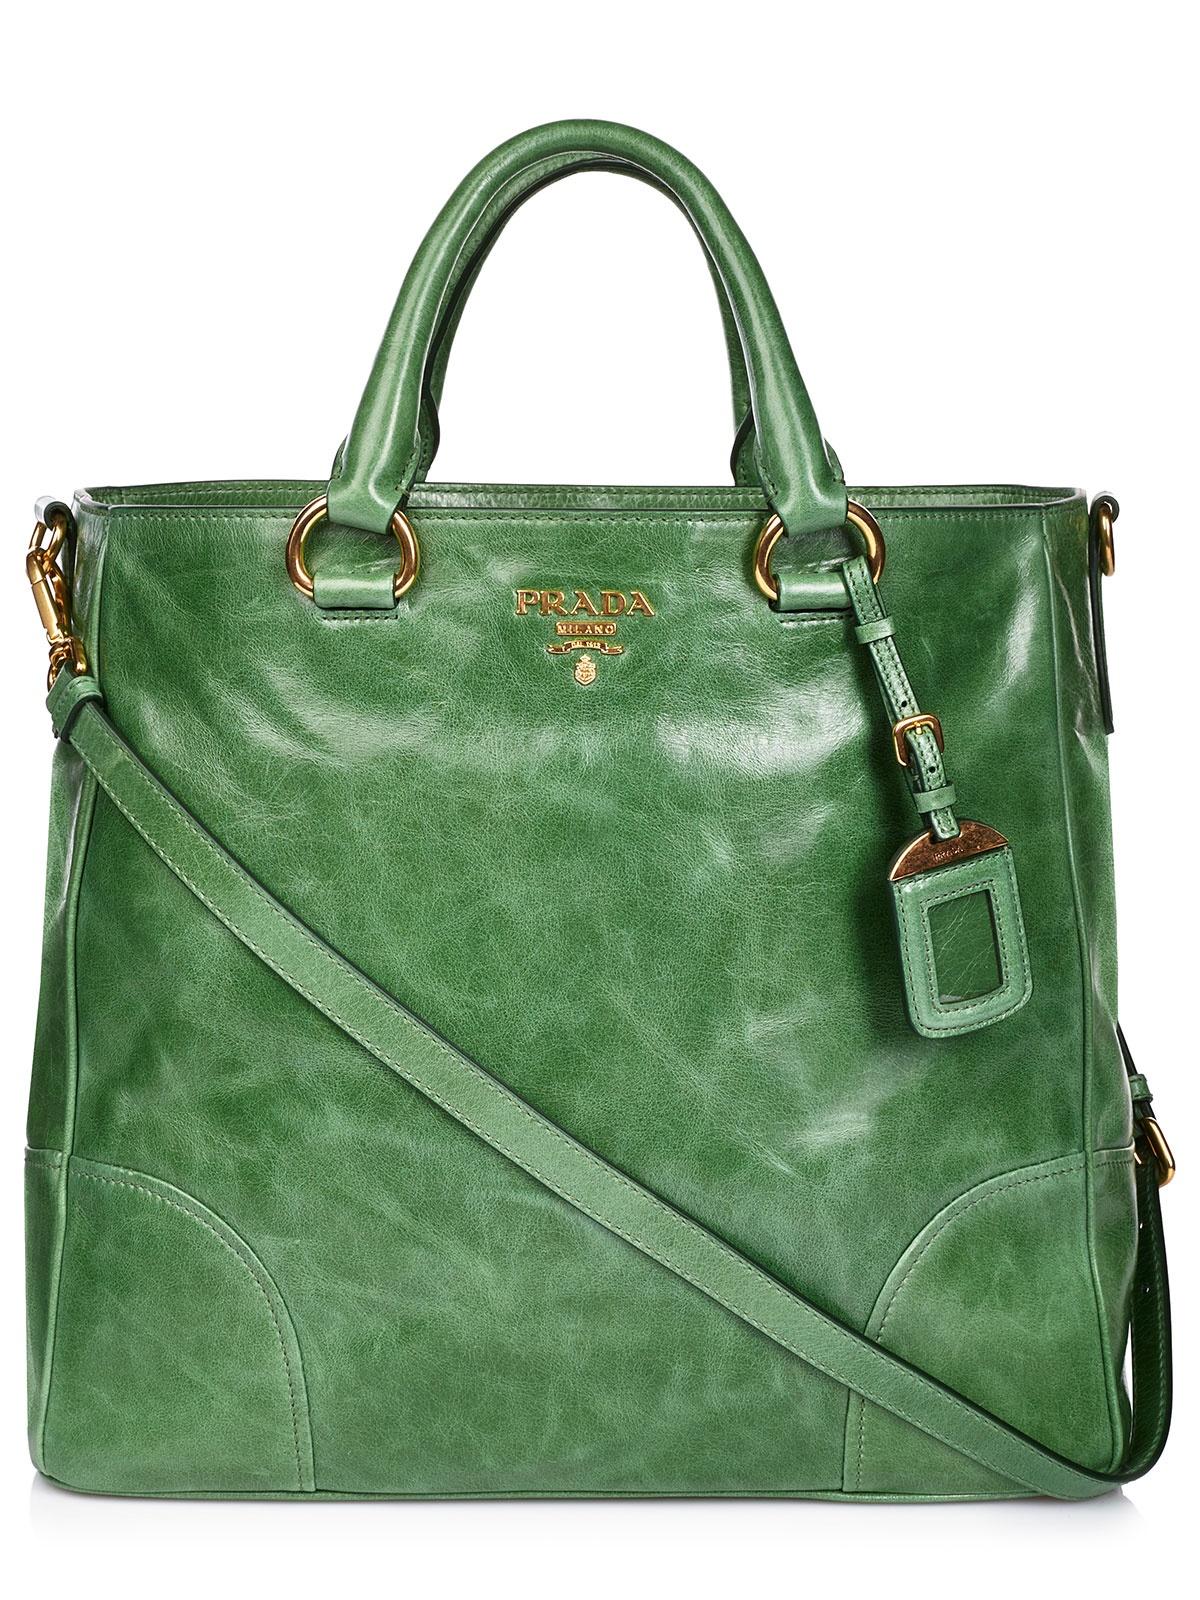 Prada Bag Green in Green